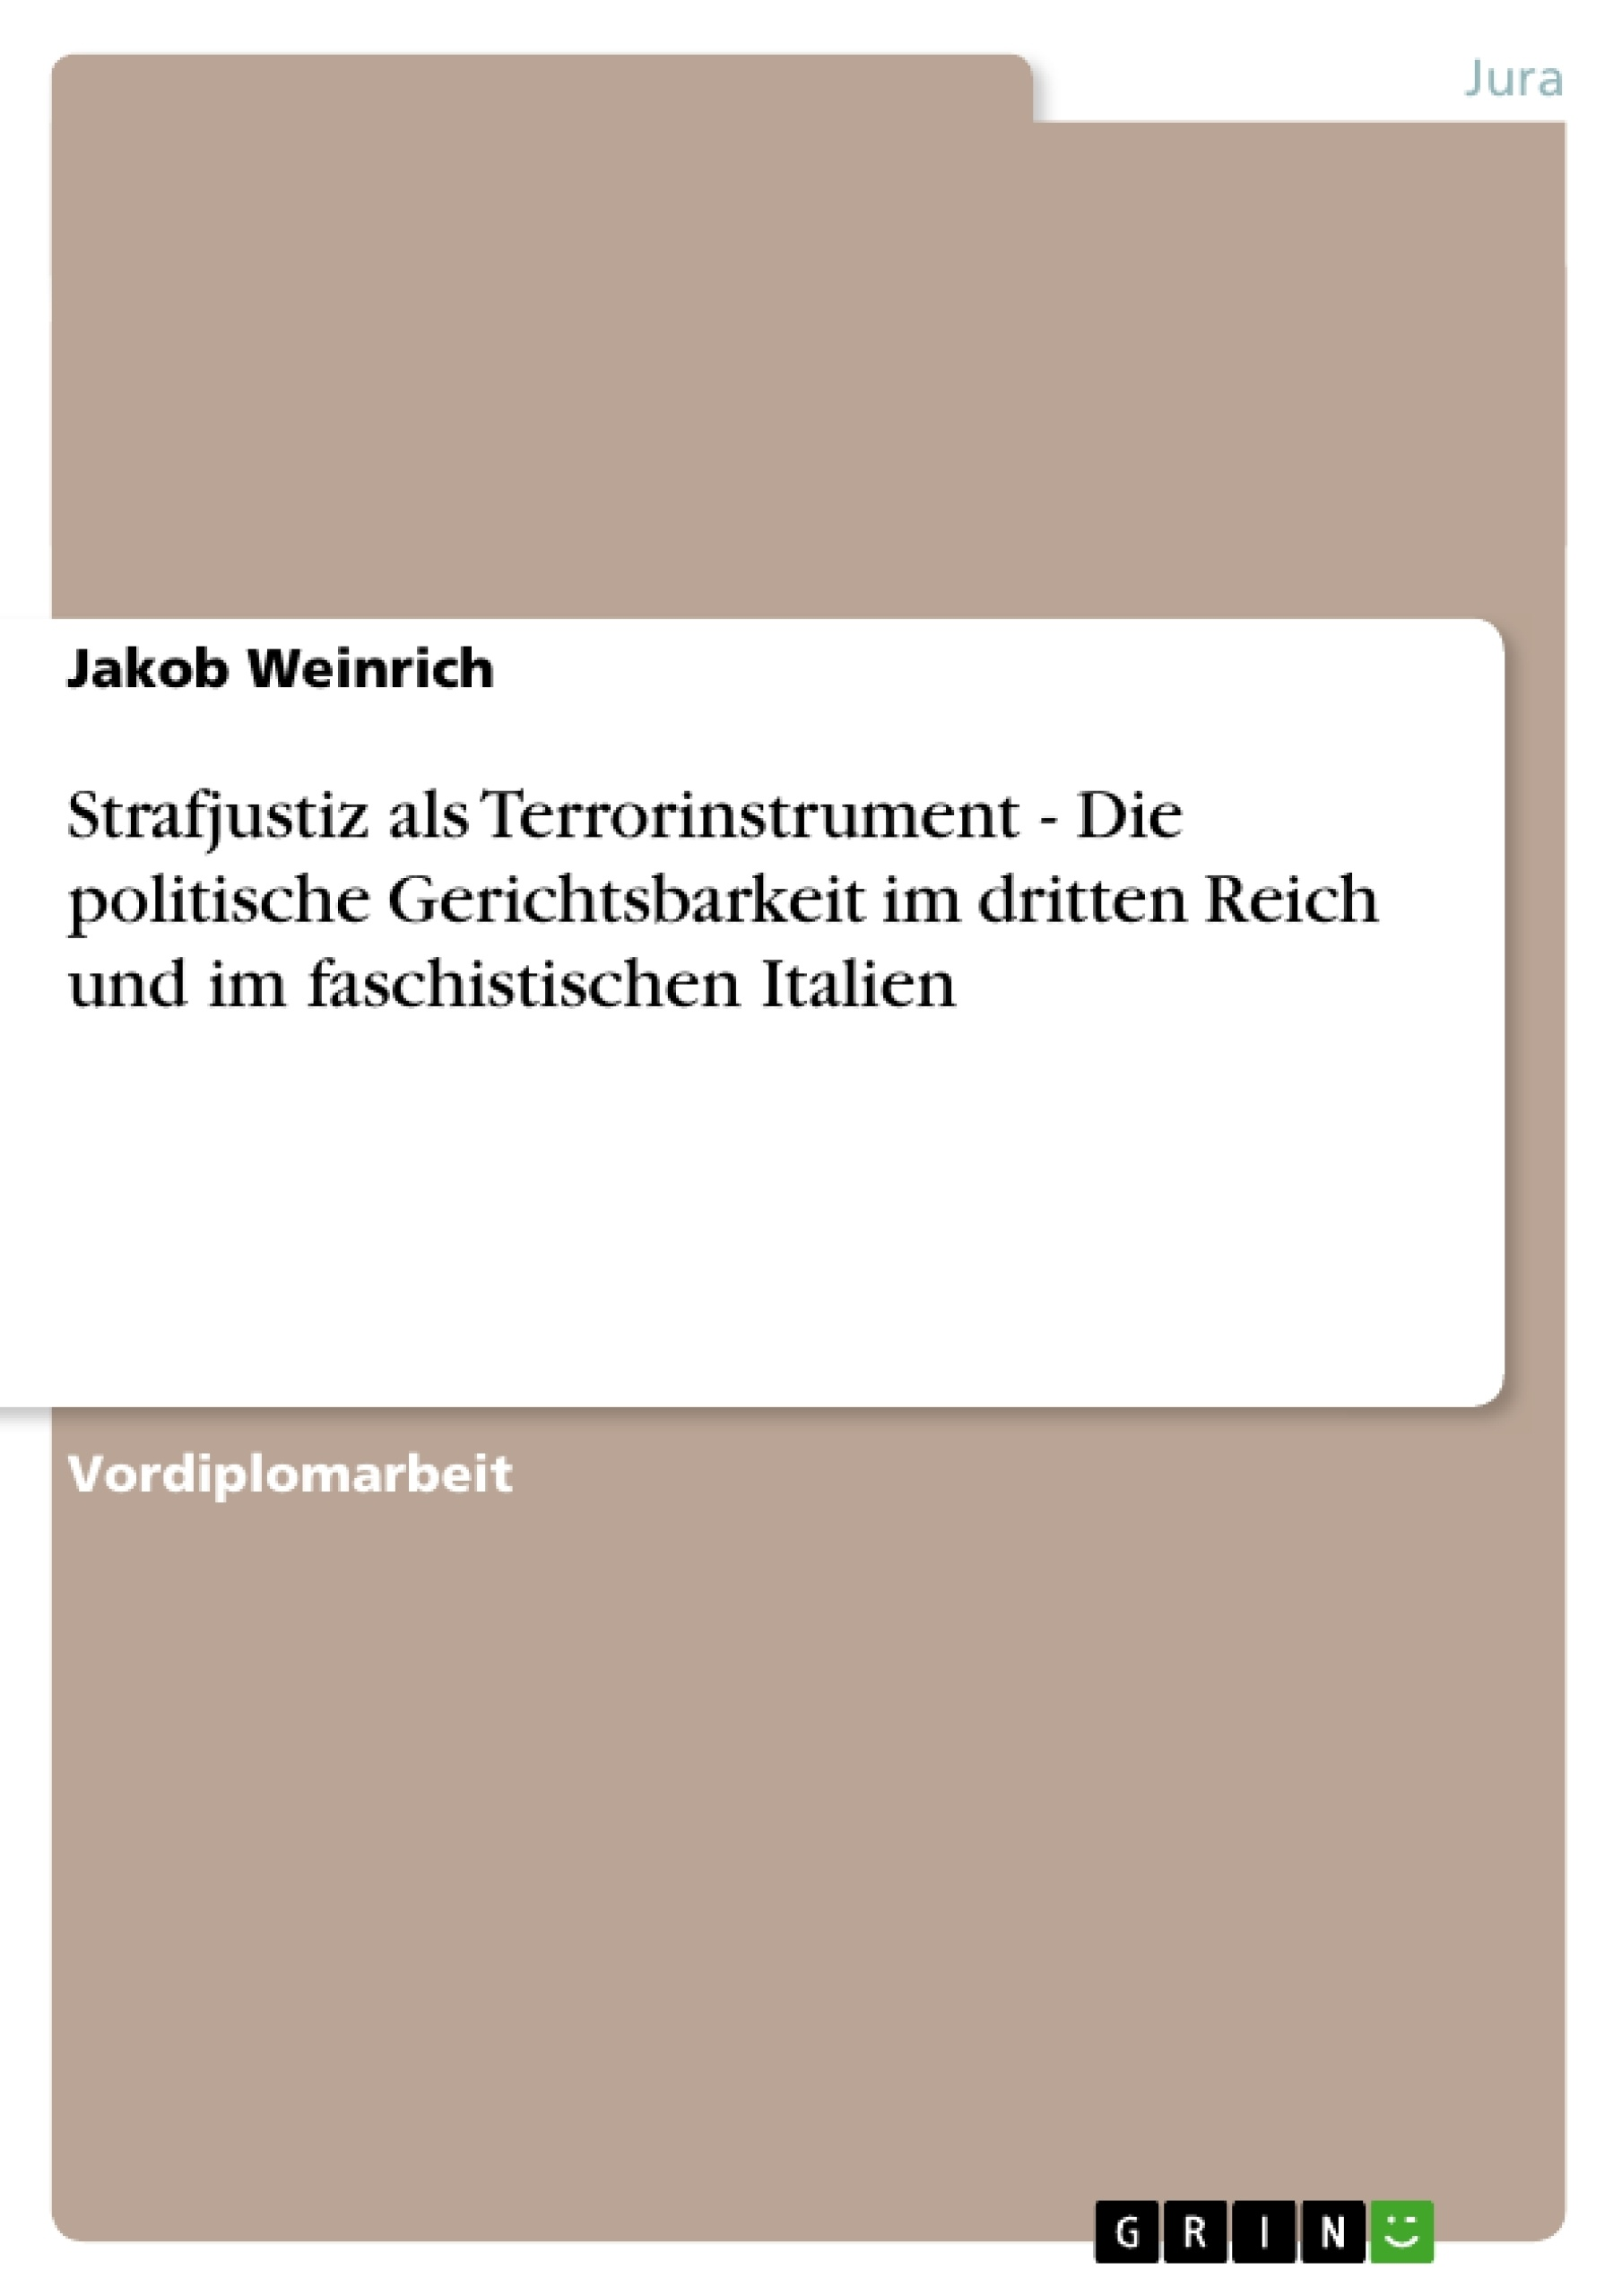 Titel: Strafjustiz als Terrorinstrument - Die politische Gerichtsbarkeit im dritten Reich und im faschistischen Italien